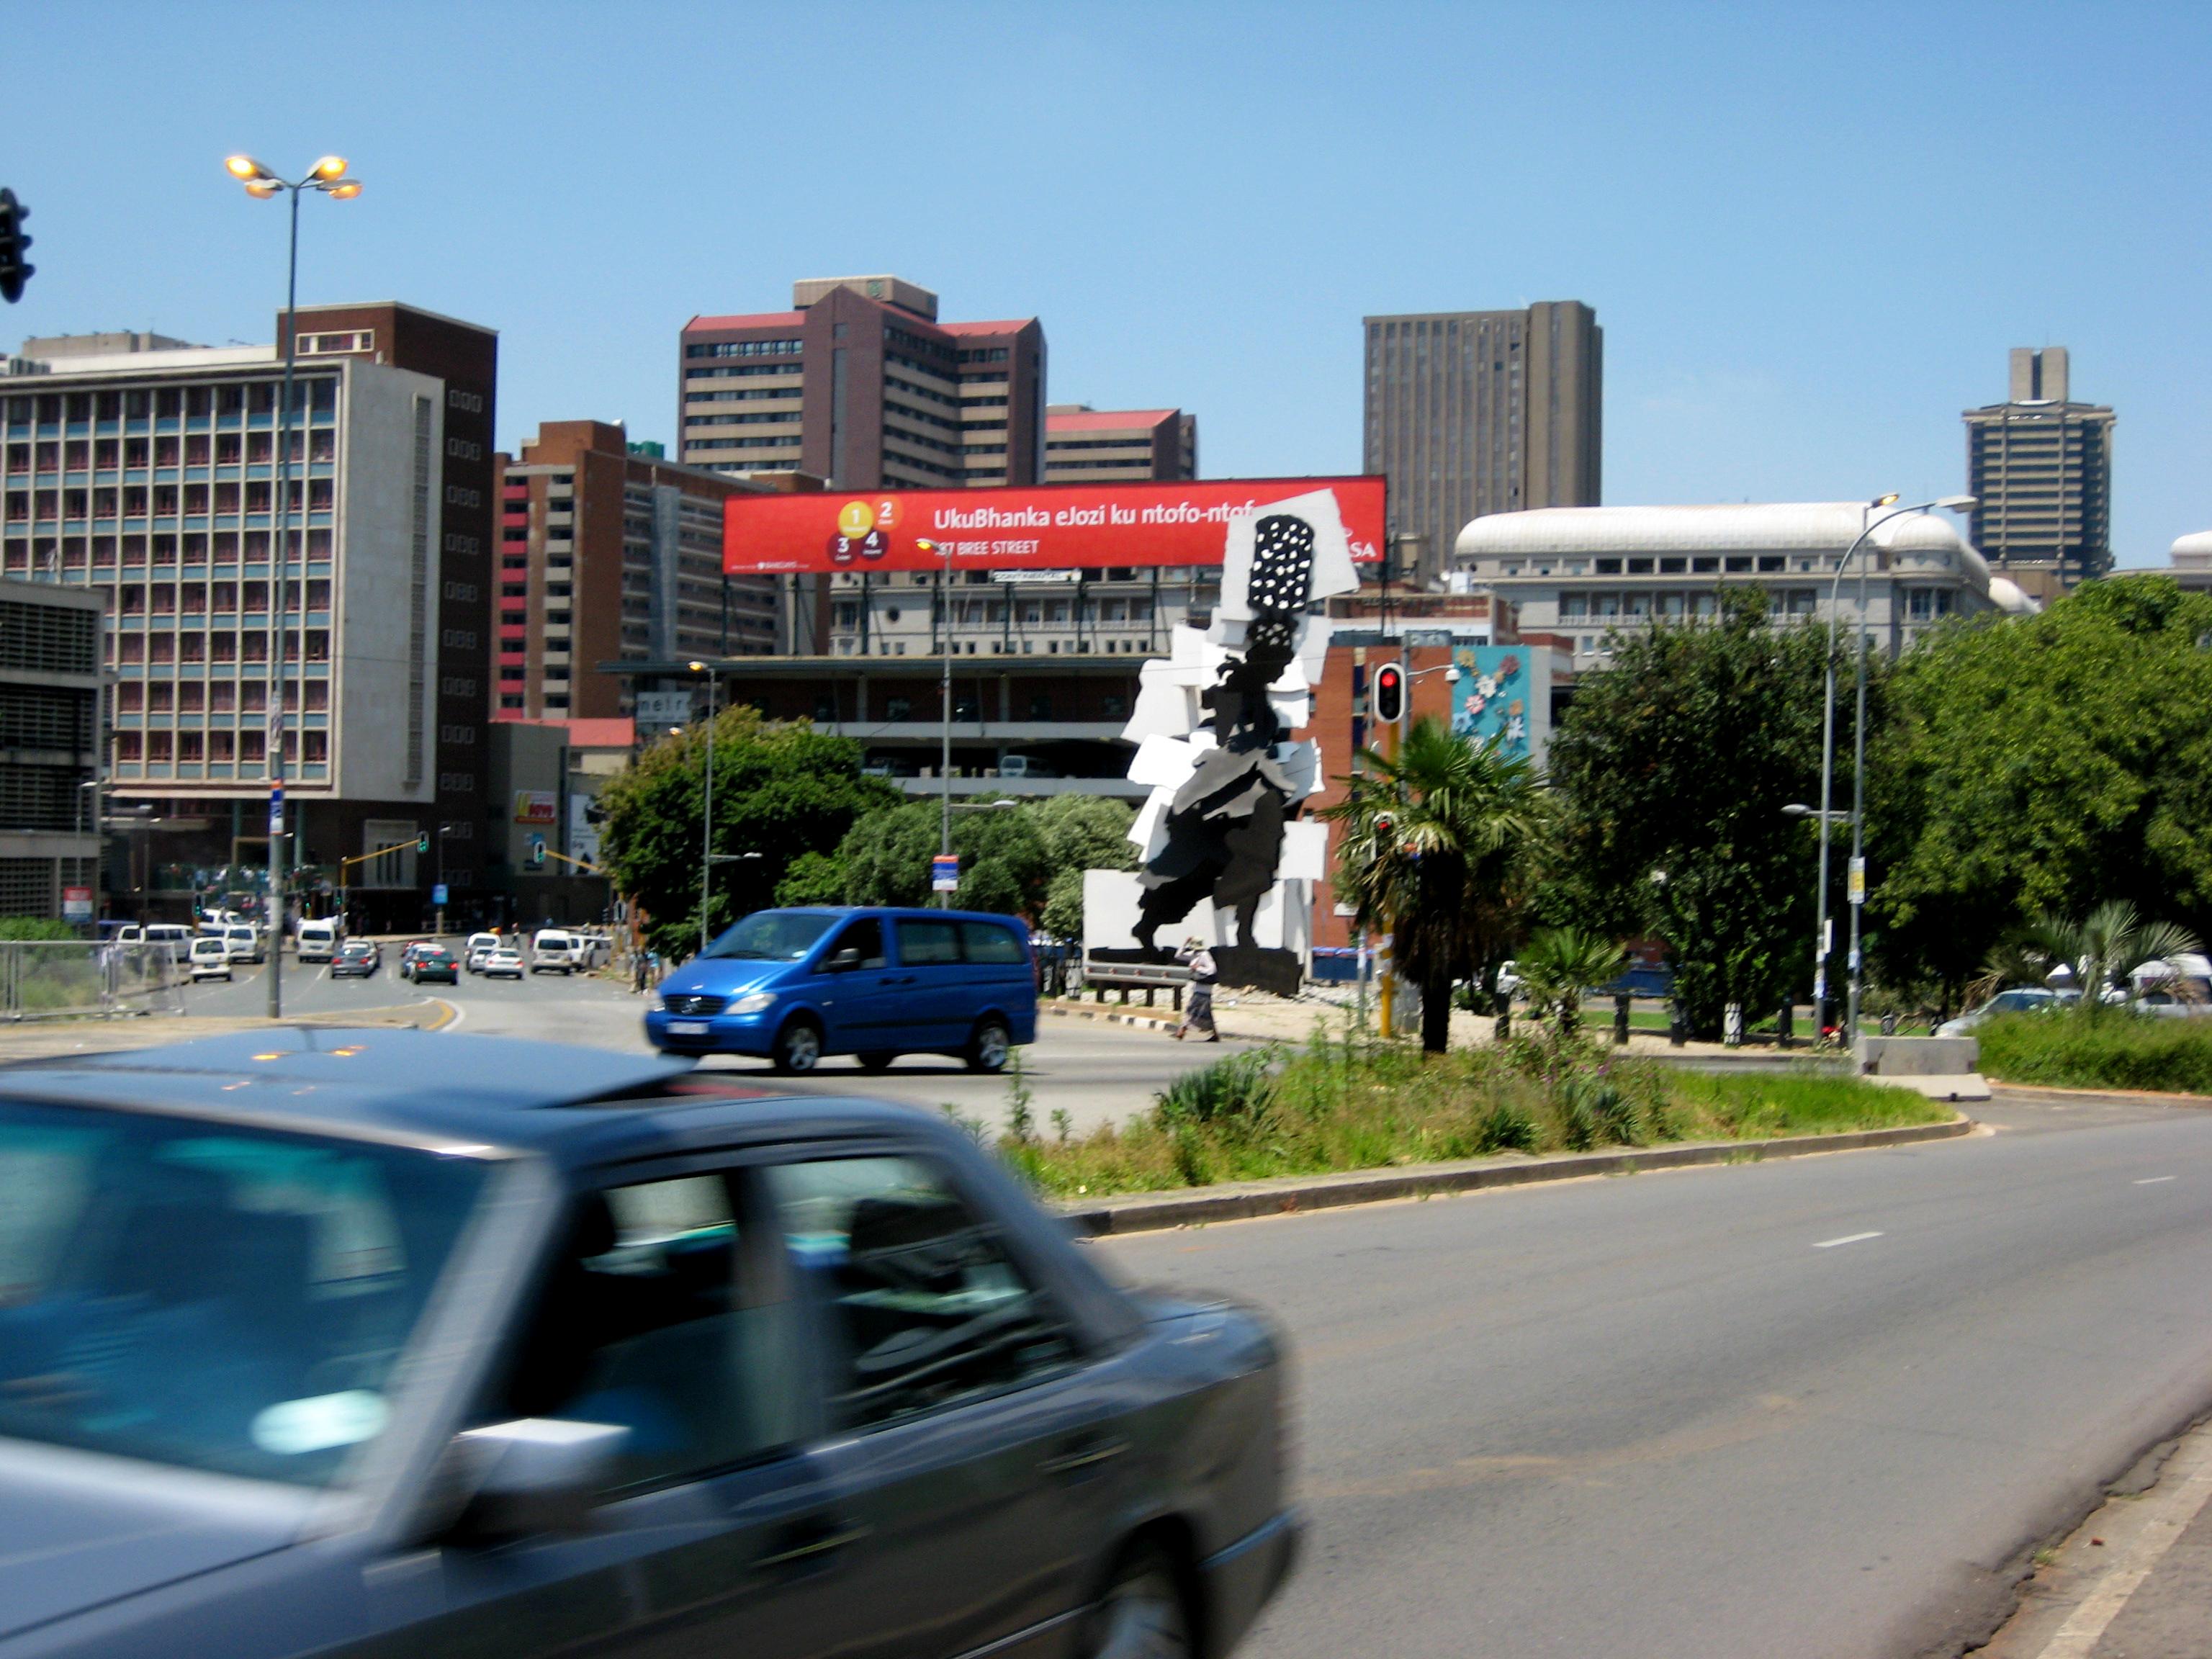 Cityscape with public sculpture